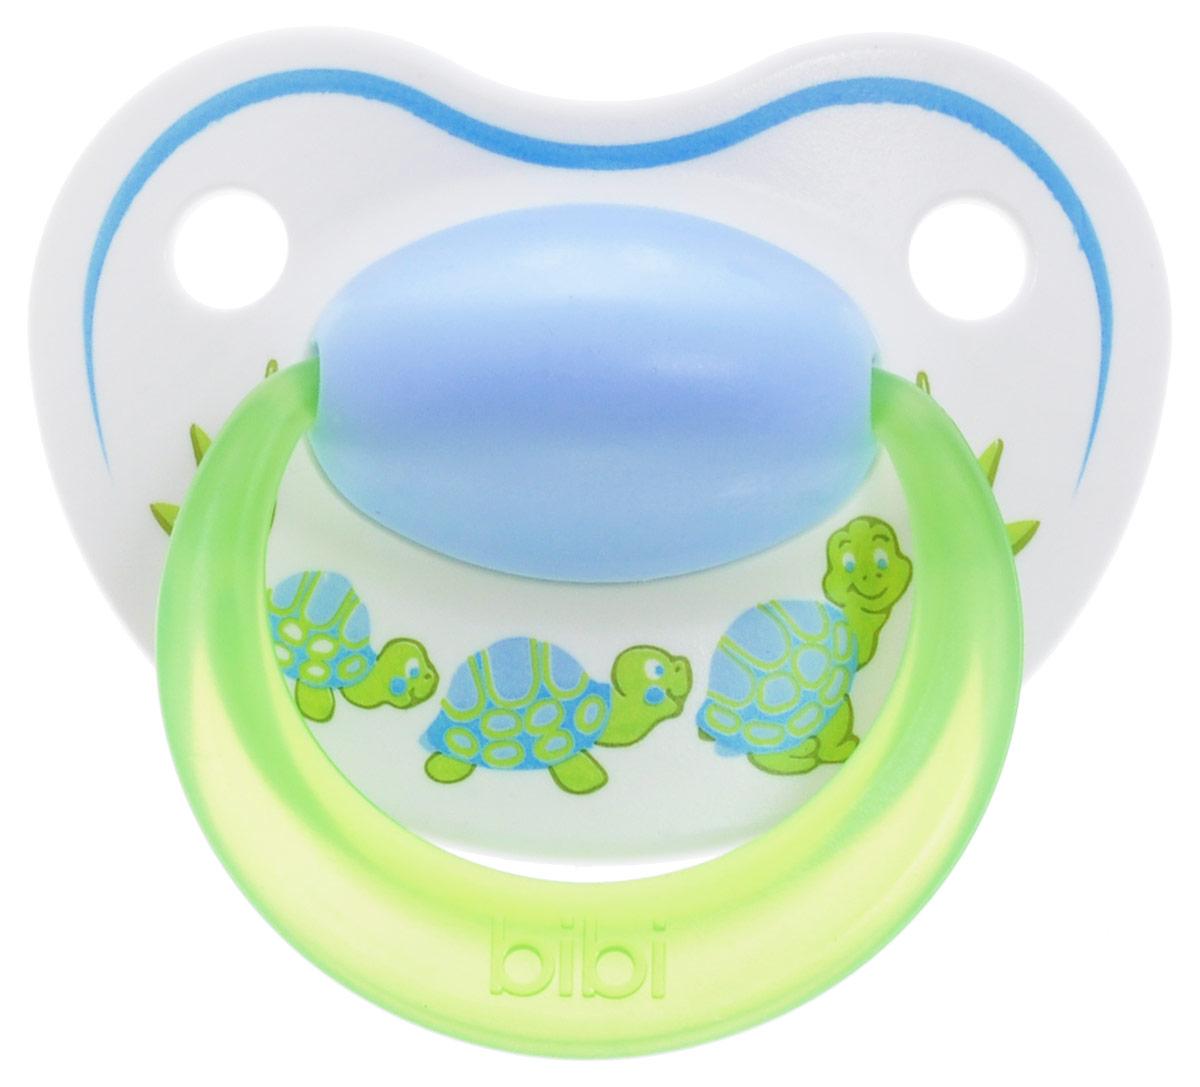 Bibi Пустышка силиконовая Happiness Черепашки от 0 до 6 месяцев113209_голубой, салатовый, черепахиСиликоновая пустышка Bibi Happiness. Черепашки предназначена для детей от 0 до 6 месяцев. Размер соски разработан в соответствии с возрастом ребенка. Силикон - это мягкий и прозрачный материал, который не липнет и легко моется. Мягкий и гибкий наконечник способствует естественному развитию десен и челюстей. Анатомическая форма нагубника повторяет форму рта и обеспечивает удобство при движении нижней челюсти. Дополнительную безопасность обеспечивают два вентиляционных отверстия. Все материалы абсолютно безопасны для здоровья ребенка. Силиконовая пустышка Bibi Happiness - это модный аксессуар, сочетающий качество, функциональность и положительные эмоции. Не содержит бисфенол А. В наборе пустышка с колпачком.